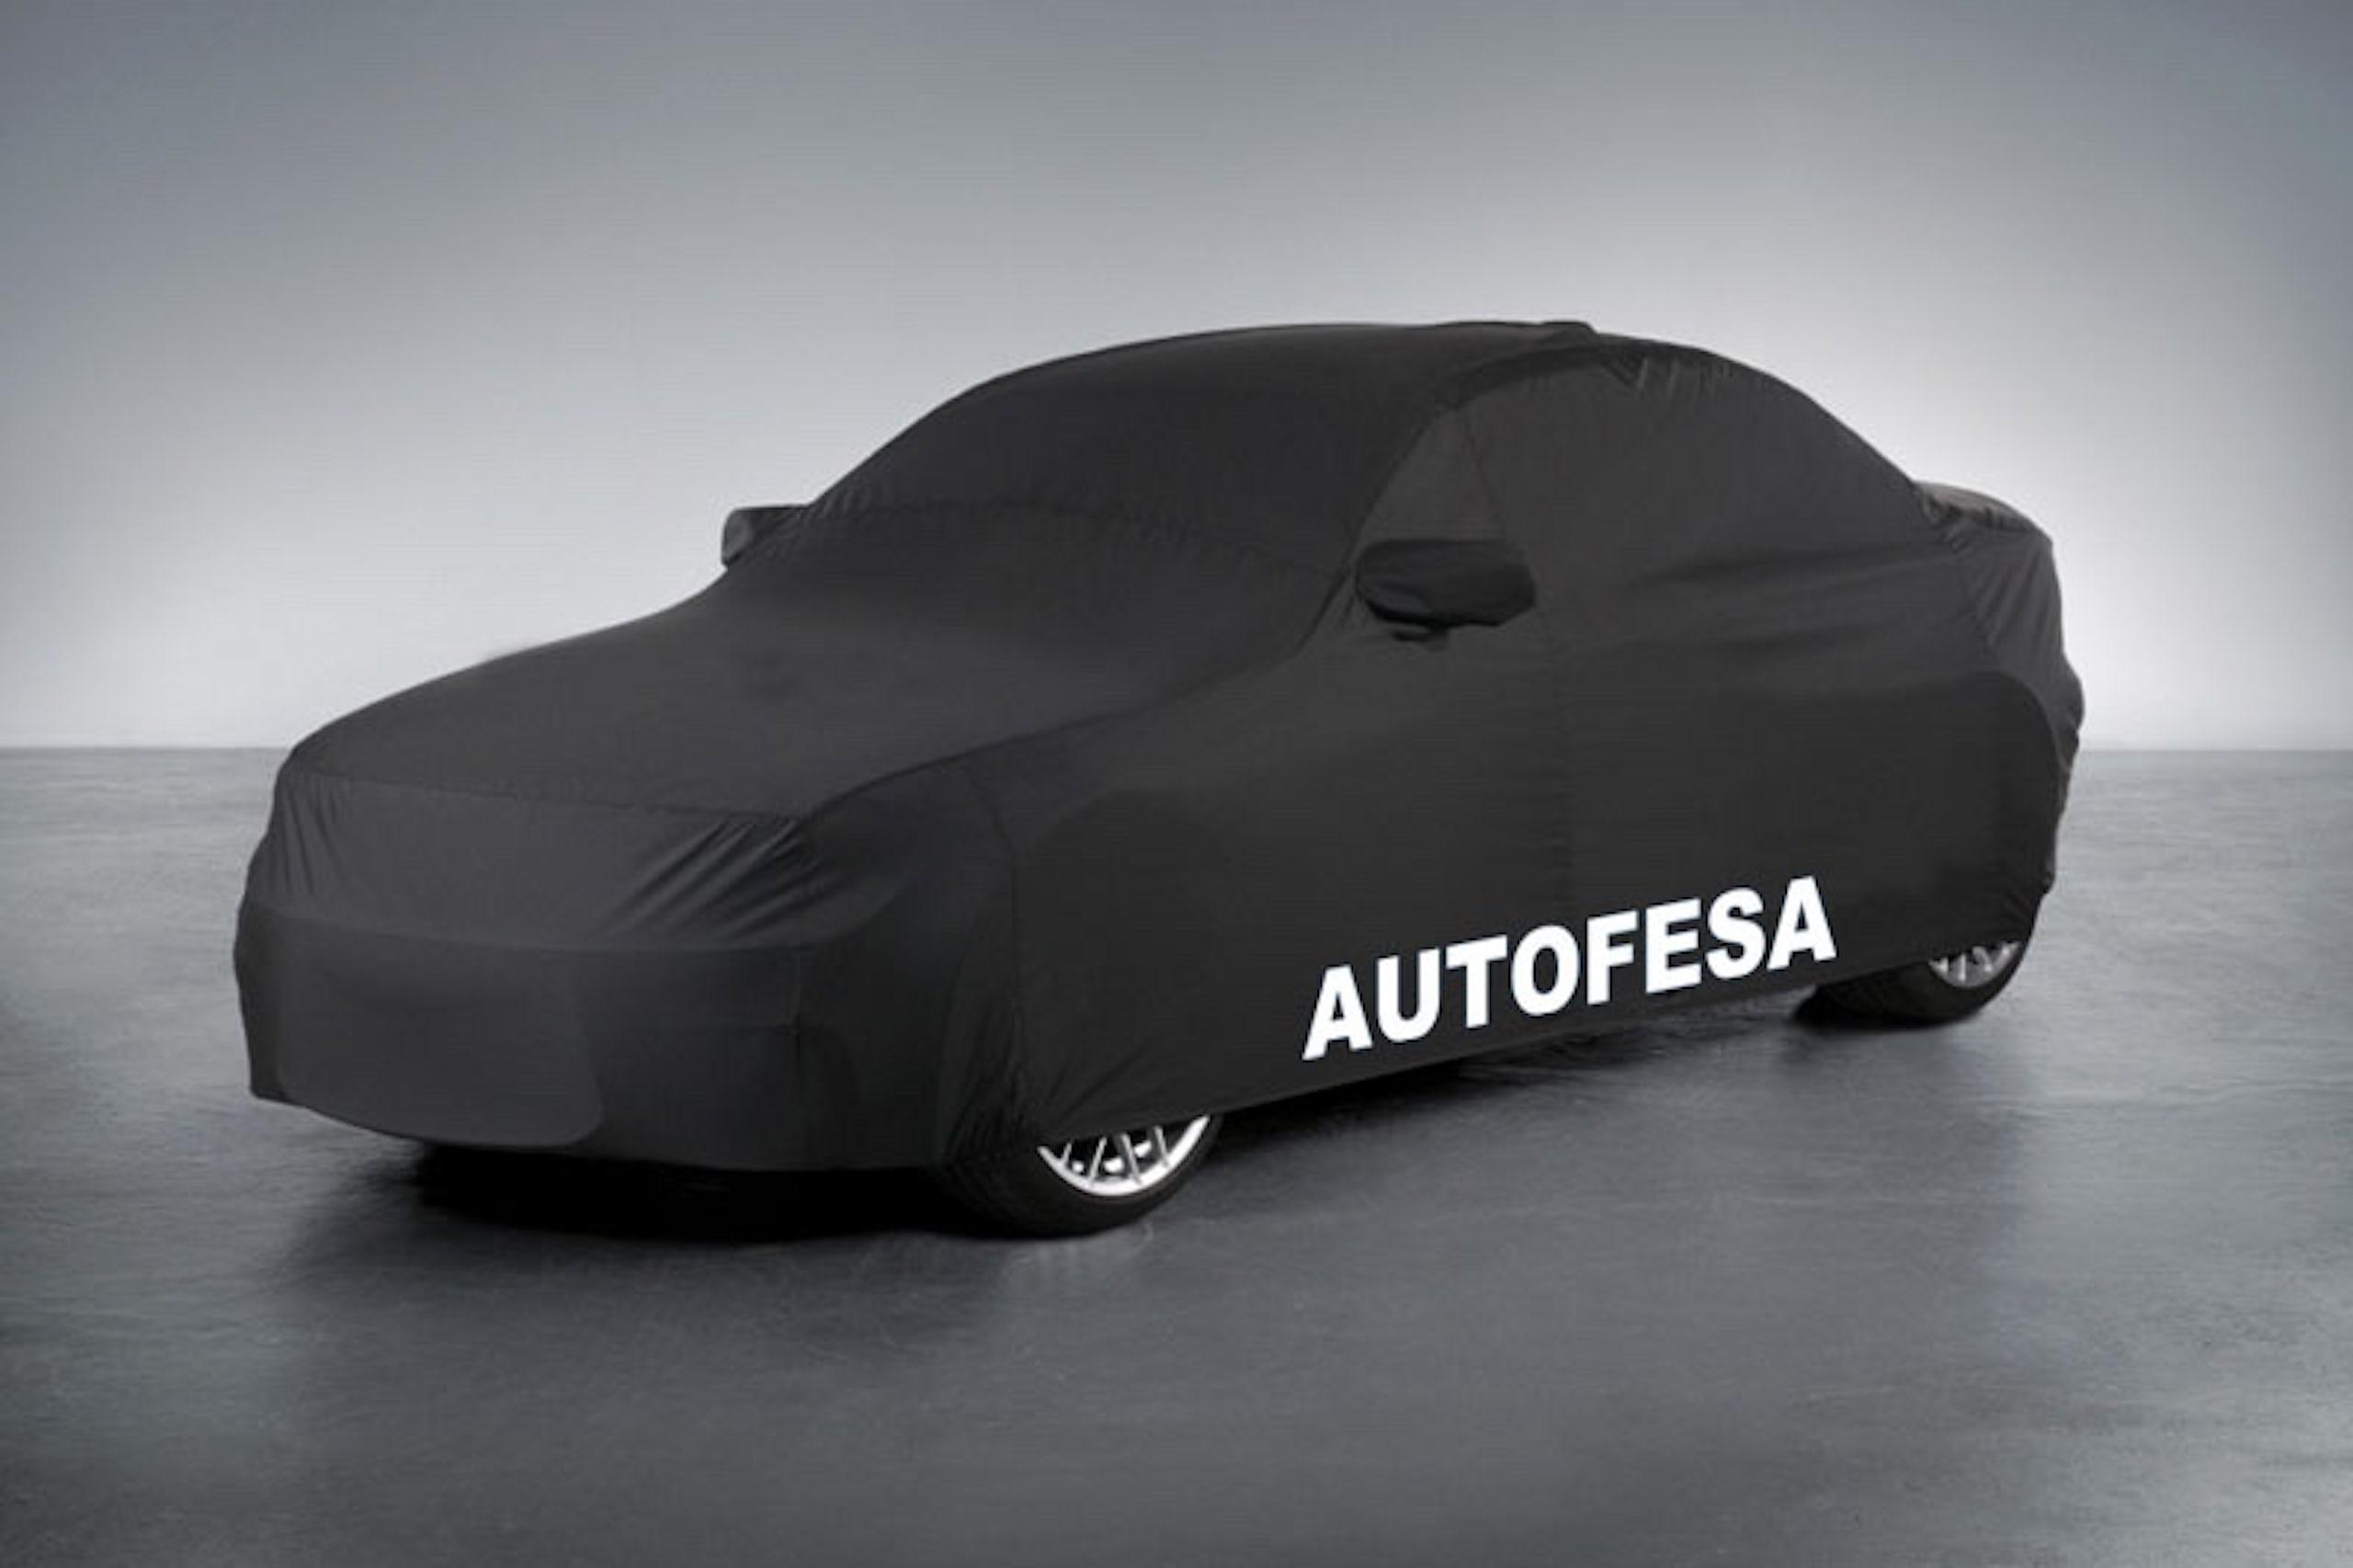 Audi Tts S Coupé 2.0 TFSI 245cv quattro S Line 3p S tronic Auto S/S - Foto 36